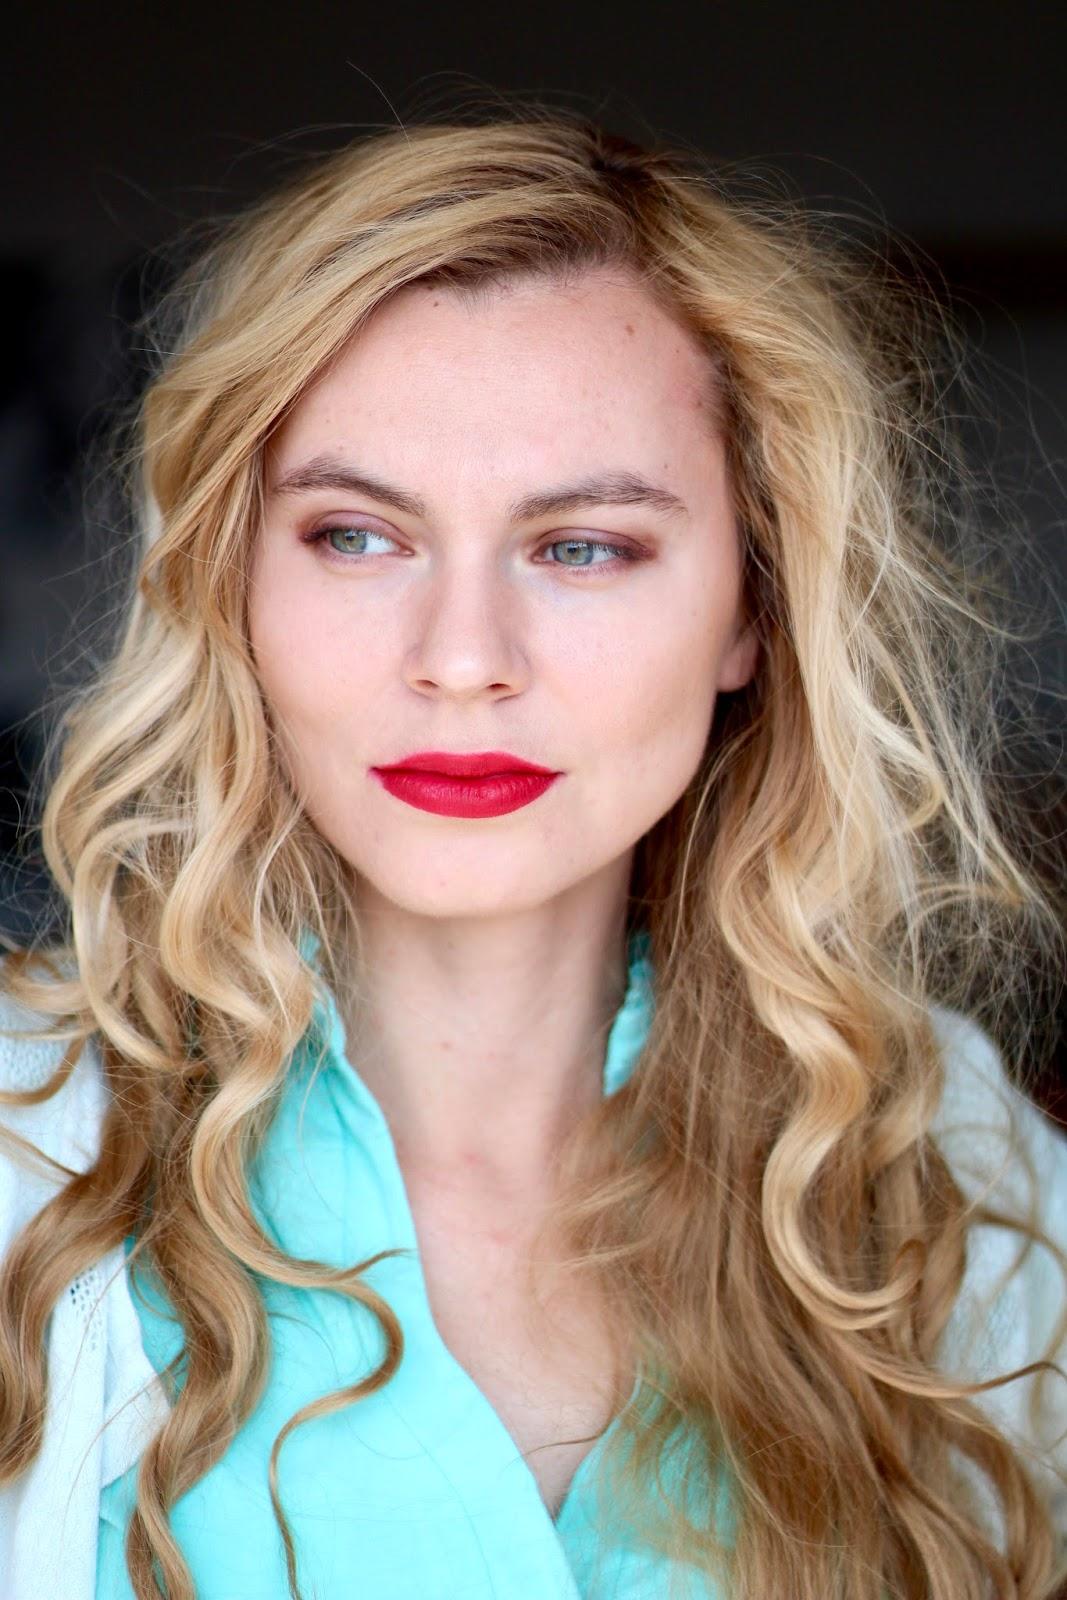 testujeme kozmetiku, slovak beatuy blogger